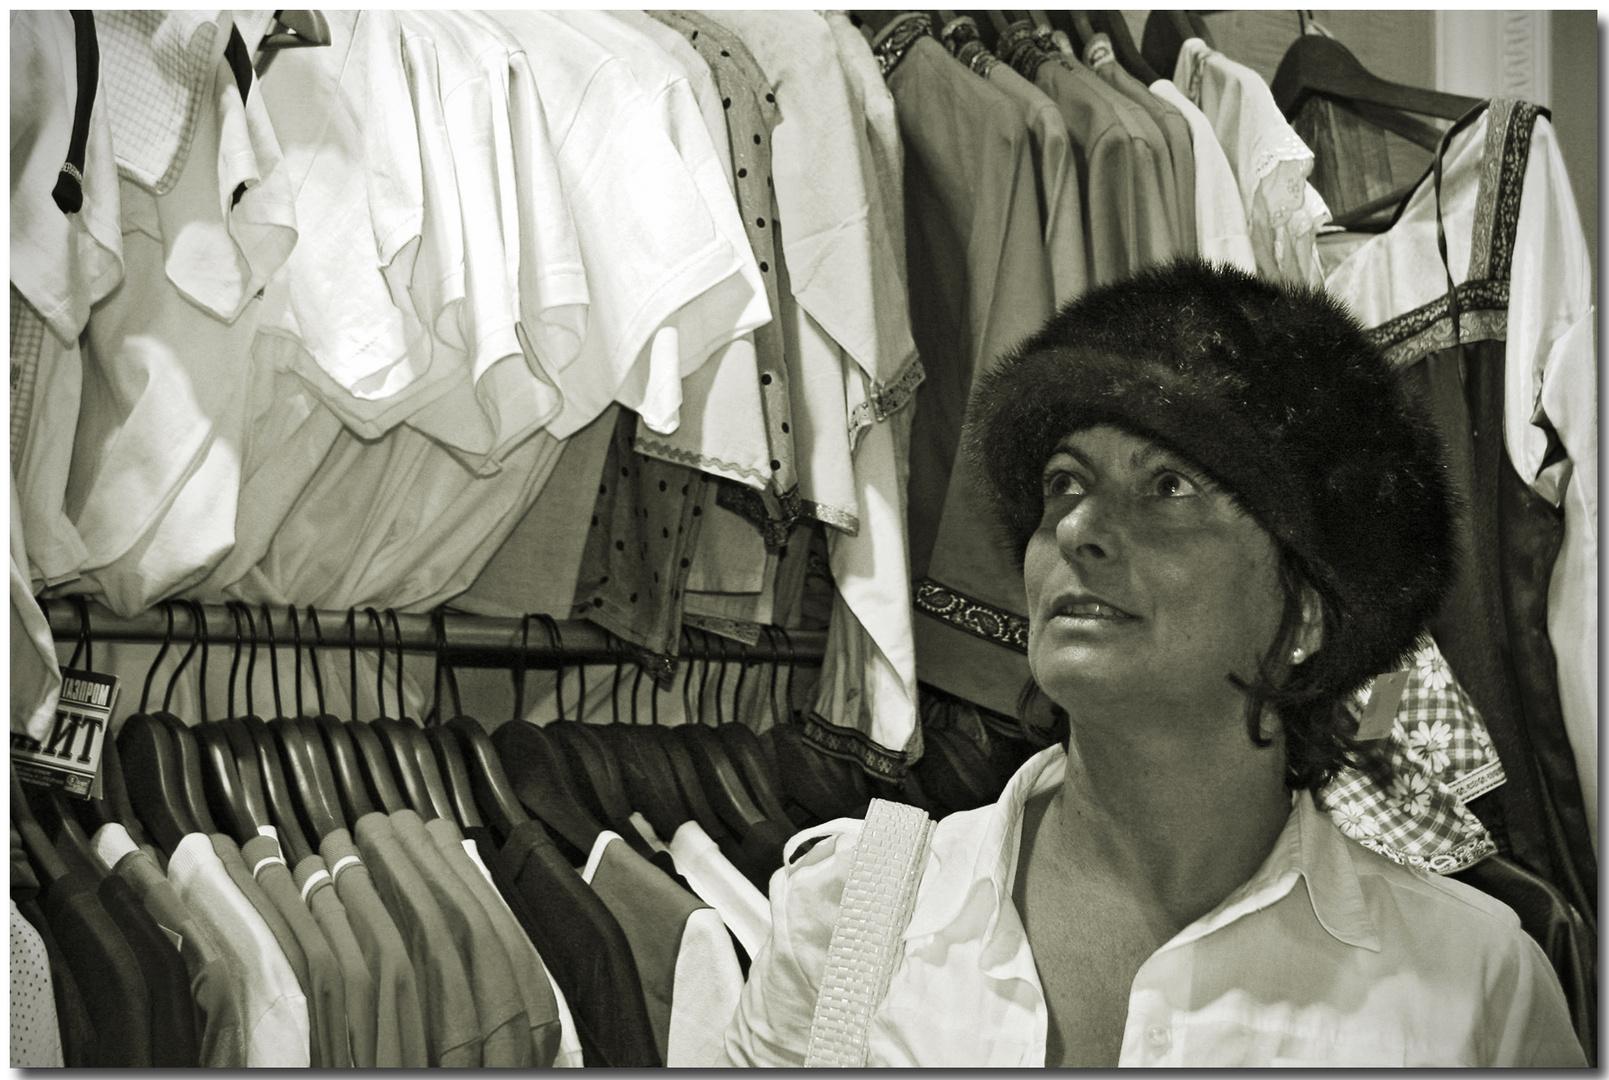 Choosing an appropriate hat